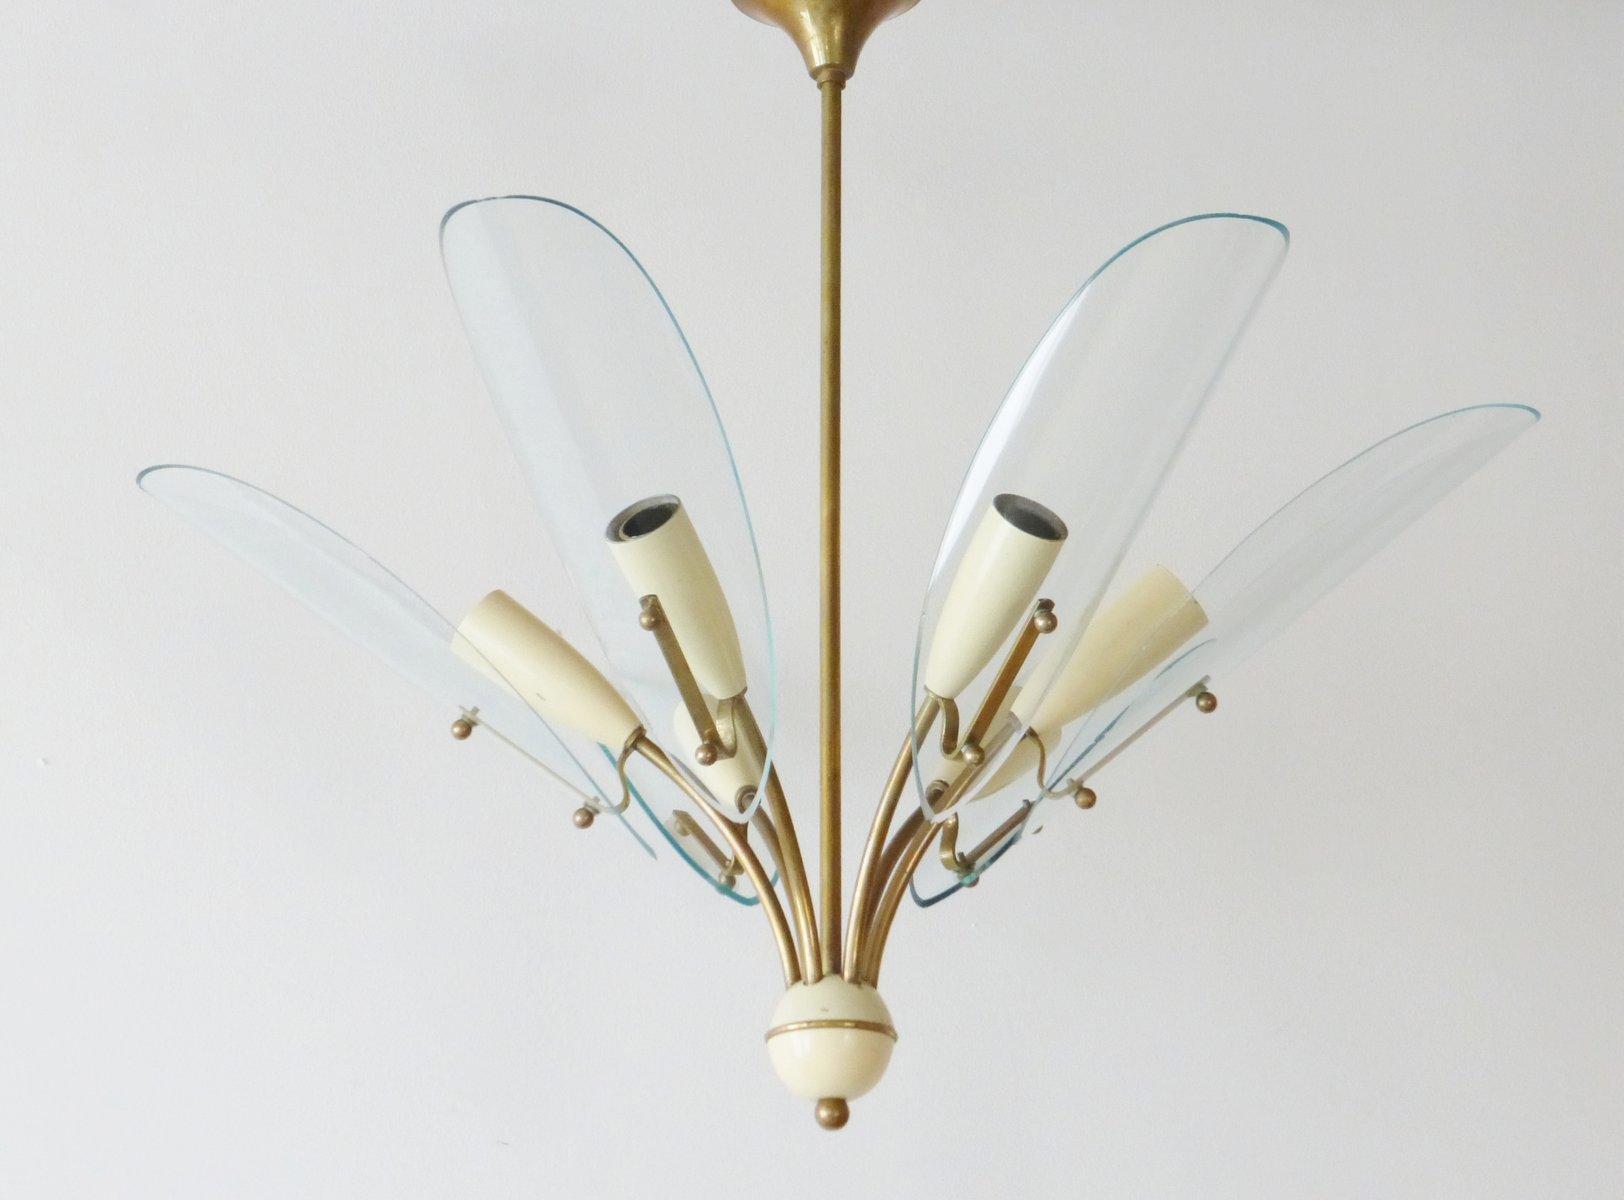 Vintage Messing & Glas Deckenlampe, 1950er